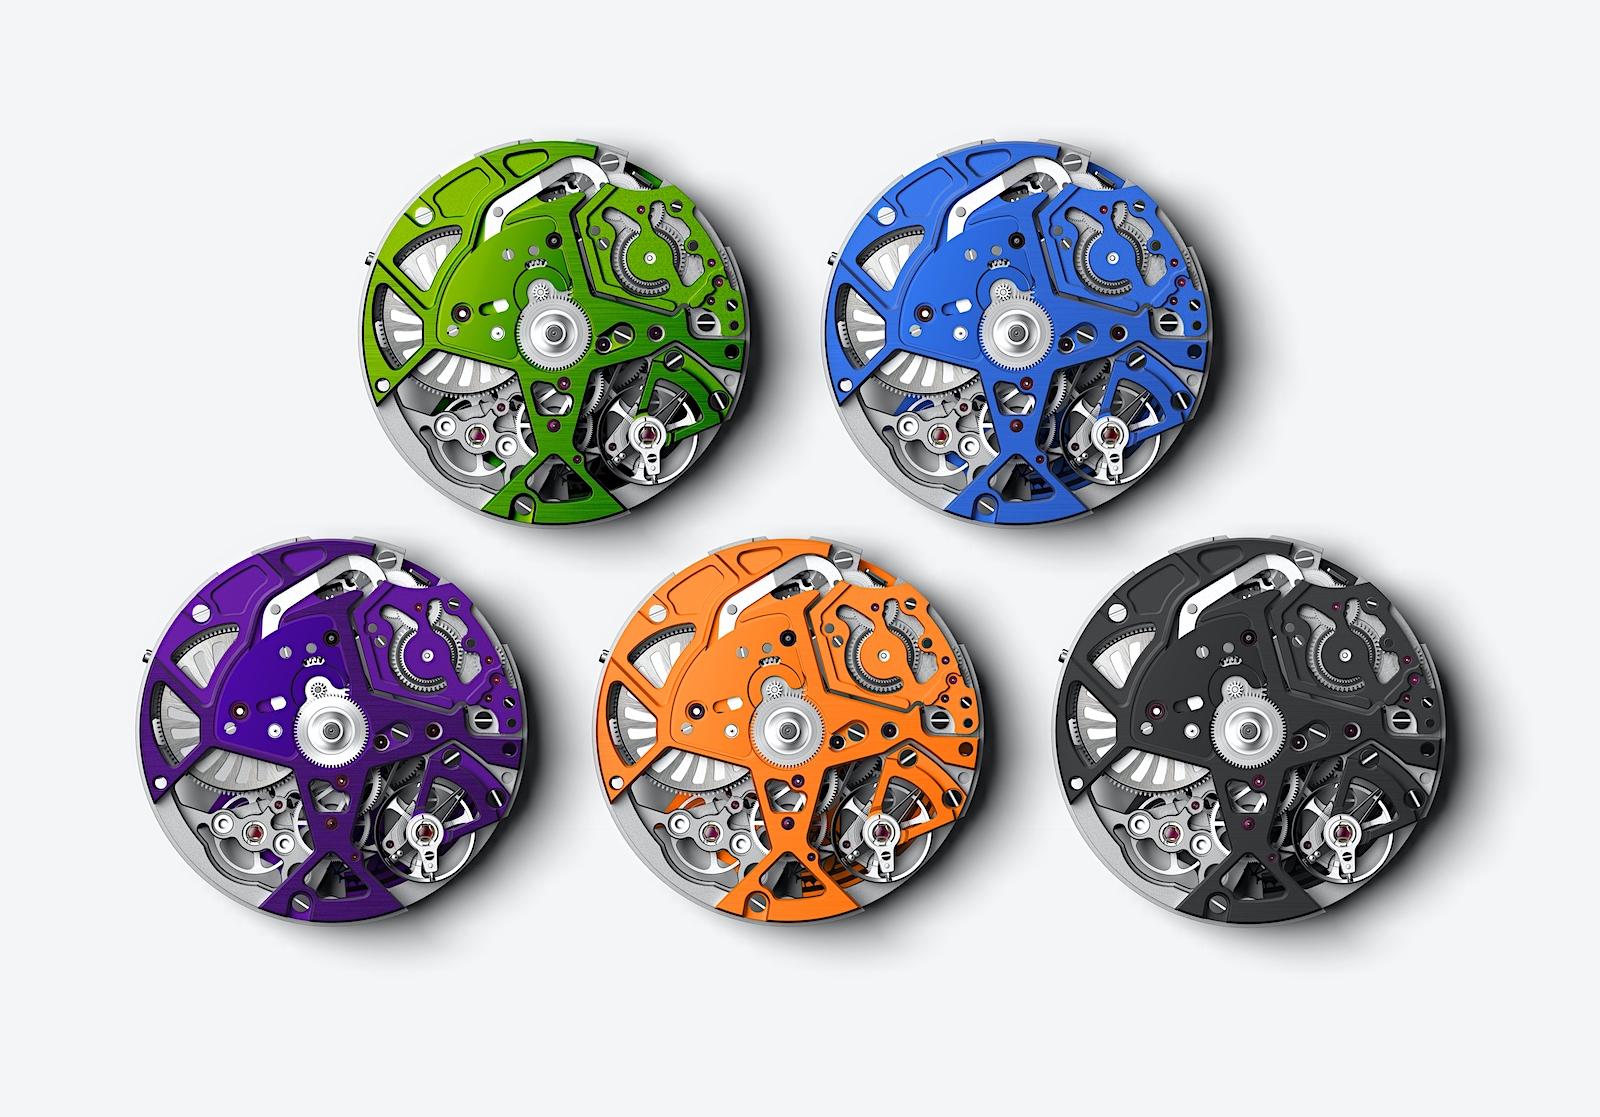 Zenith en Watches and Wonders 2021 - Defy 21 Spectrum calibres